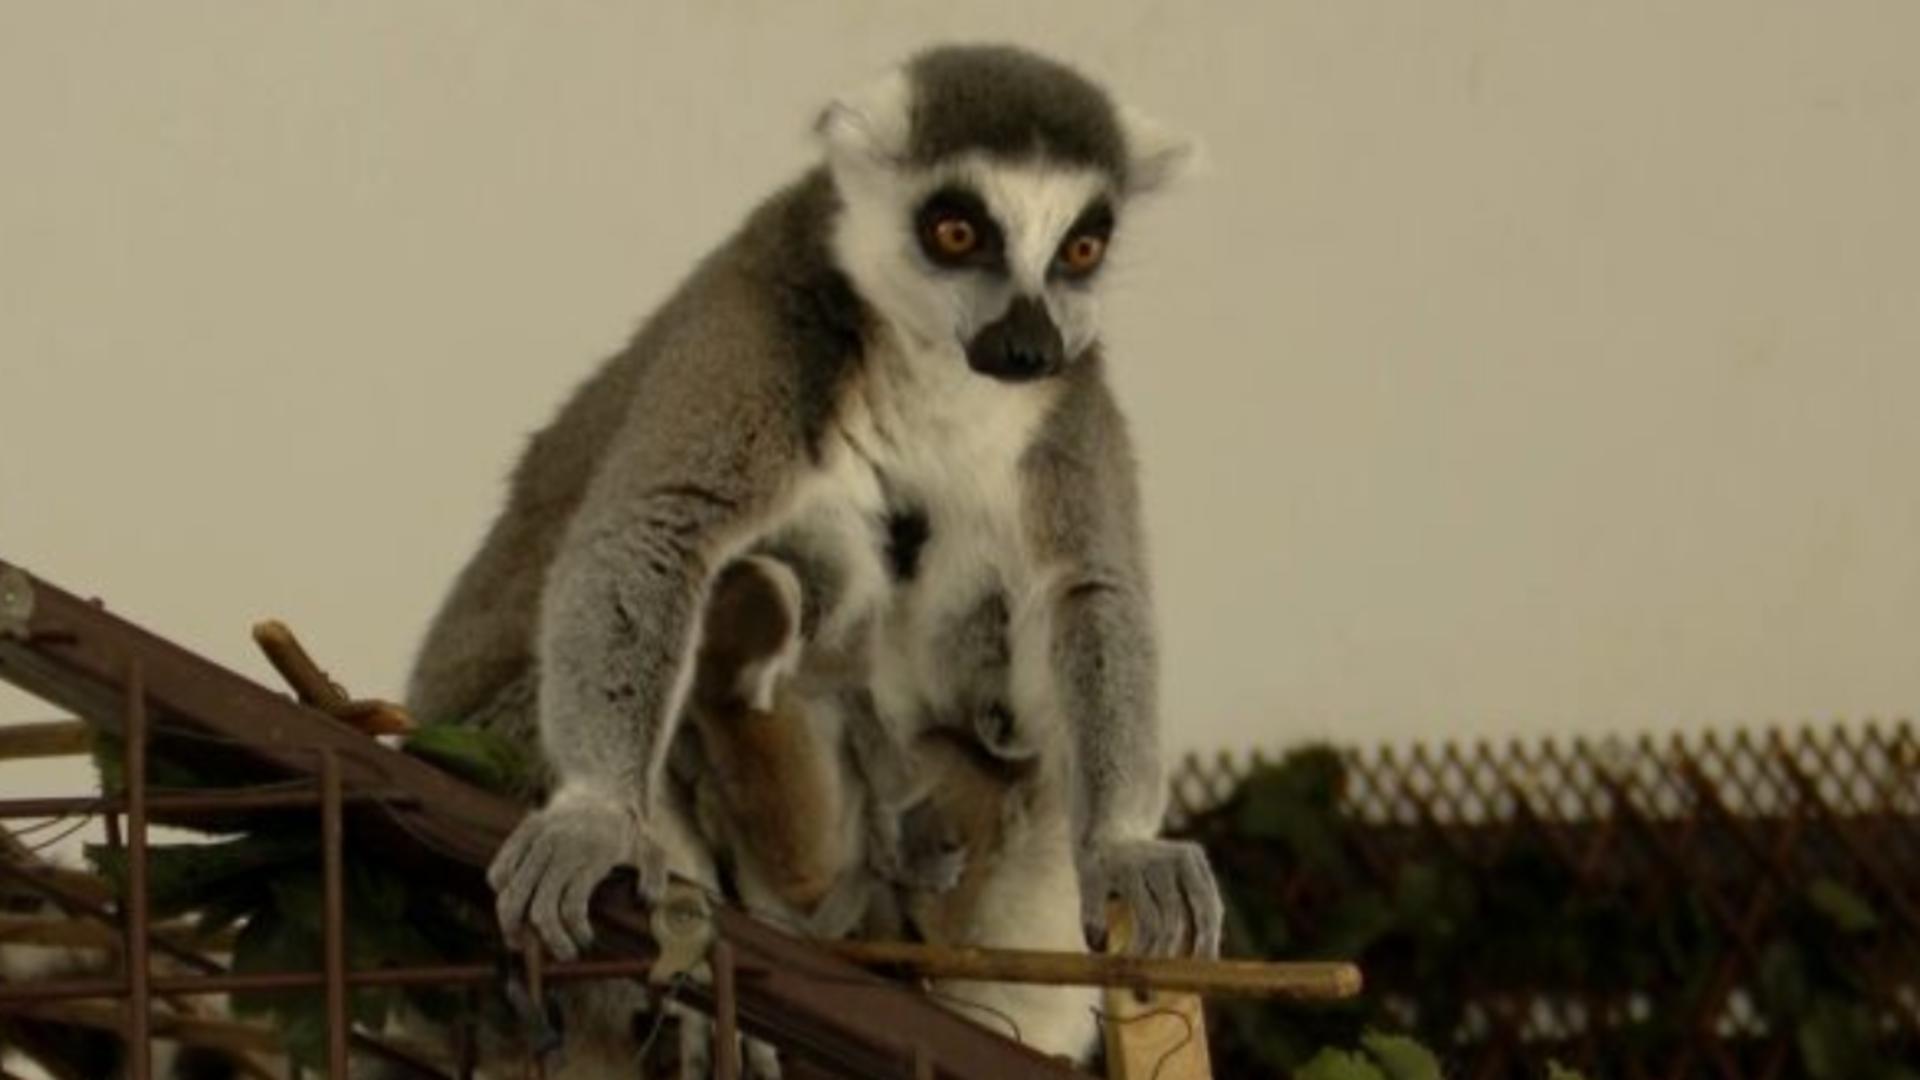 Puii gemeni de lemurian, născuți, în premieră, la Zoo Sibiu Foto: novatv.ro